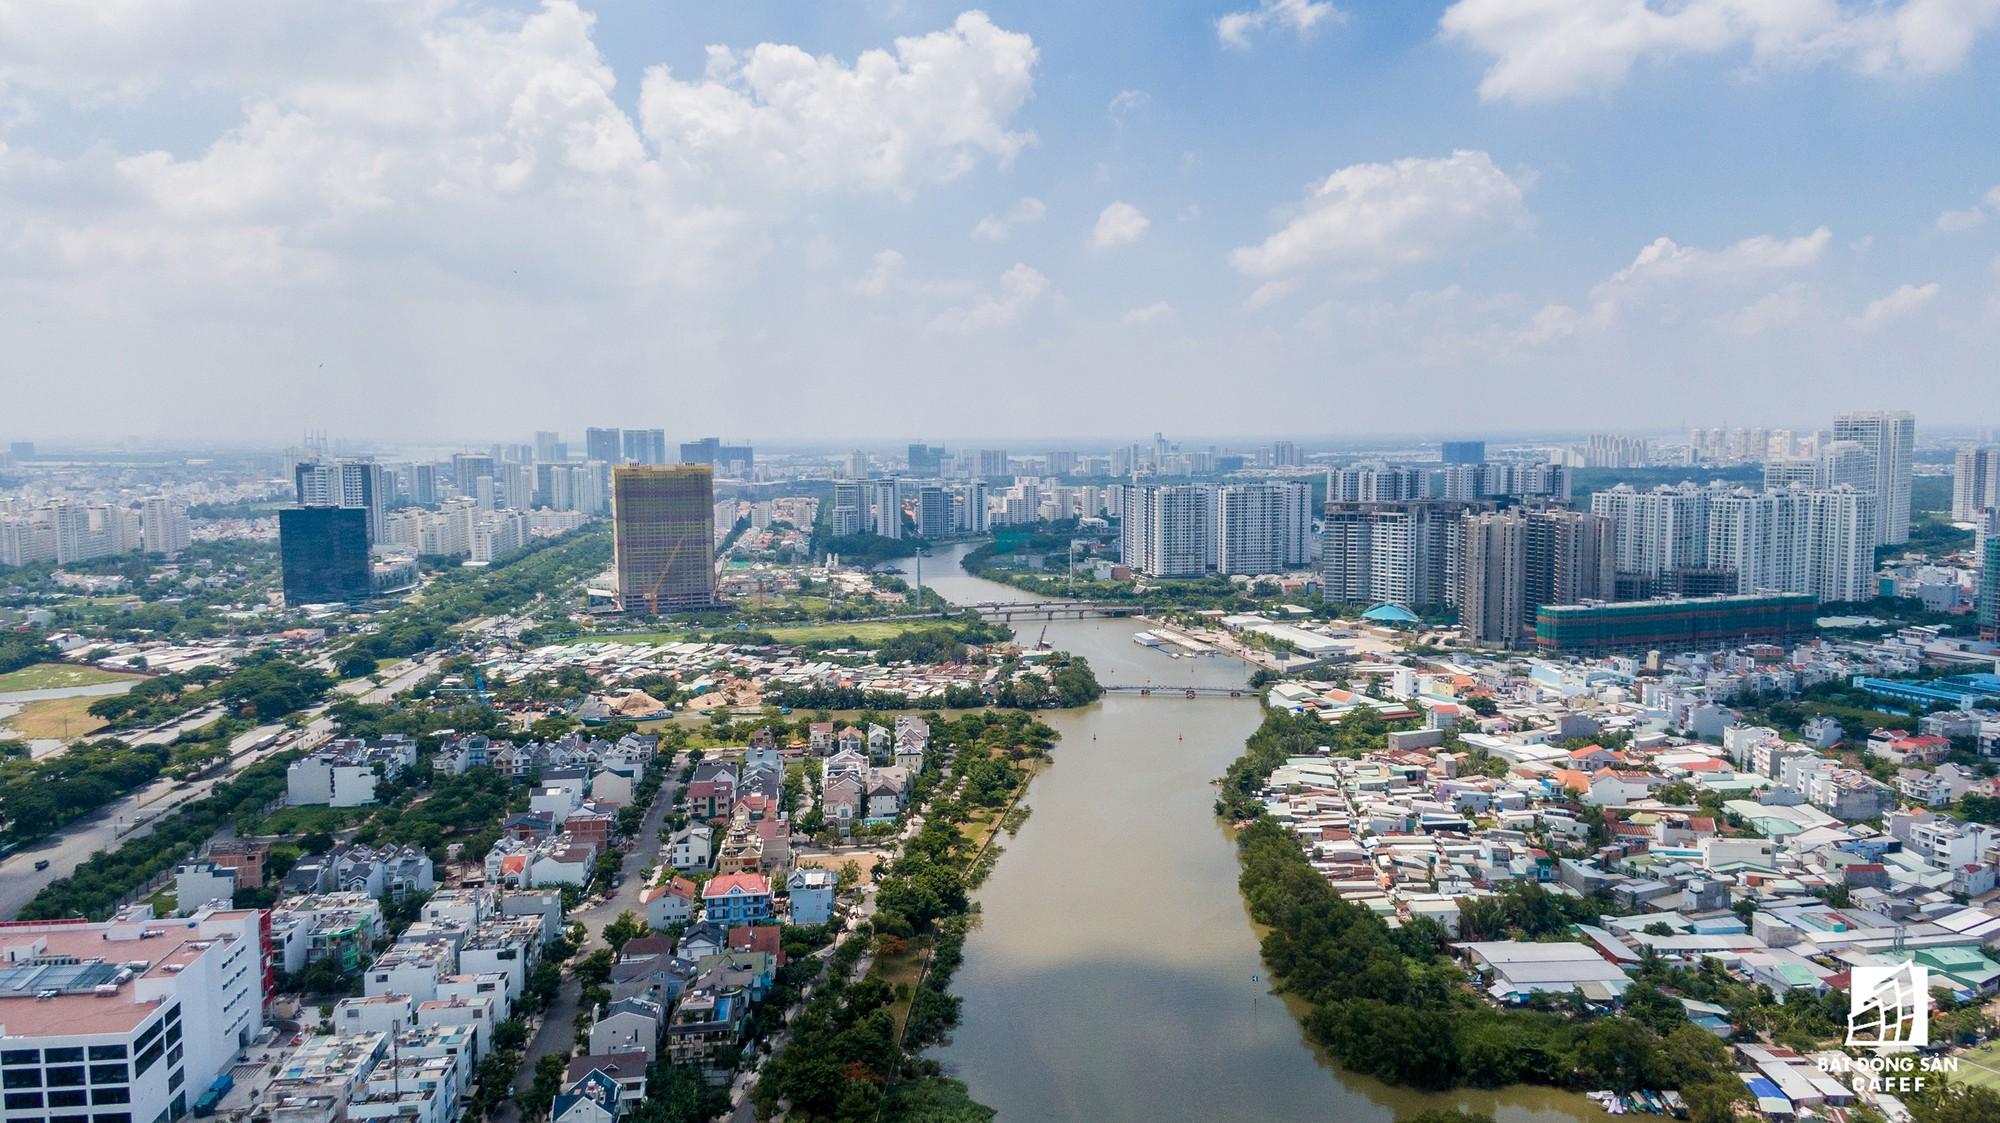 Toàn cảnh đại lộ tỷ đô đã tạo nên một thị trường bất động sản rất riêng cho khu Nam Sài Gòn - Ảnh 10. Toàn cảnh đại lộ tỷ đô đã tạo nên một thị trường bất động sản rất riêng cho khu Nam Sài Gòn Toàn cảnh đại lộ tỷ đô đã tạo nên một thị trường bất động sản rất riêng cho khu Nam Sài Gòn hinh 9 15672196929691392604067